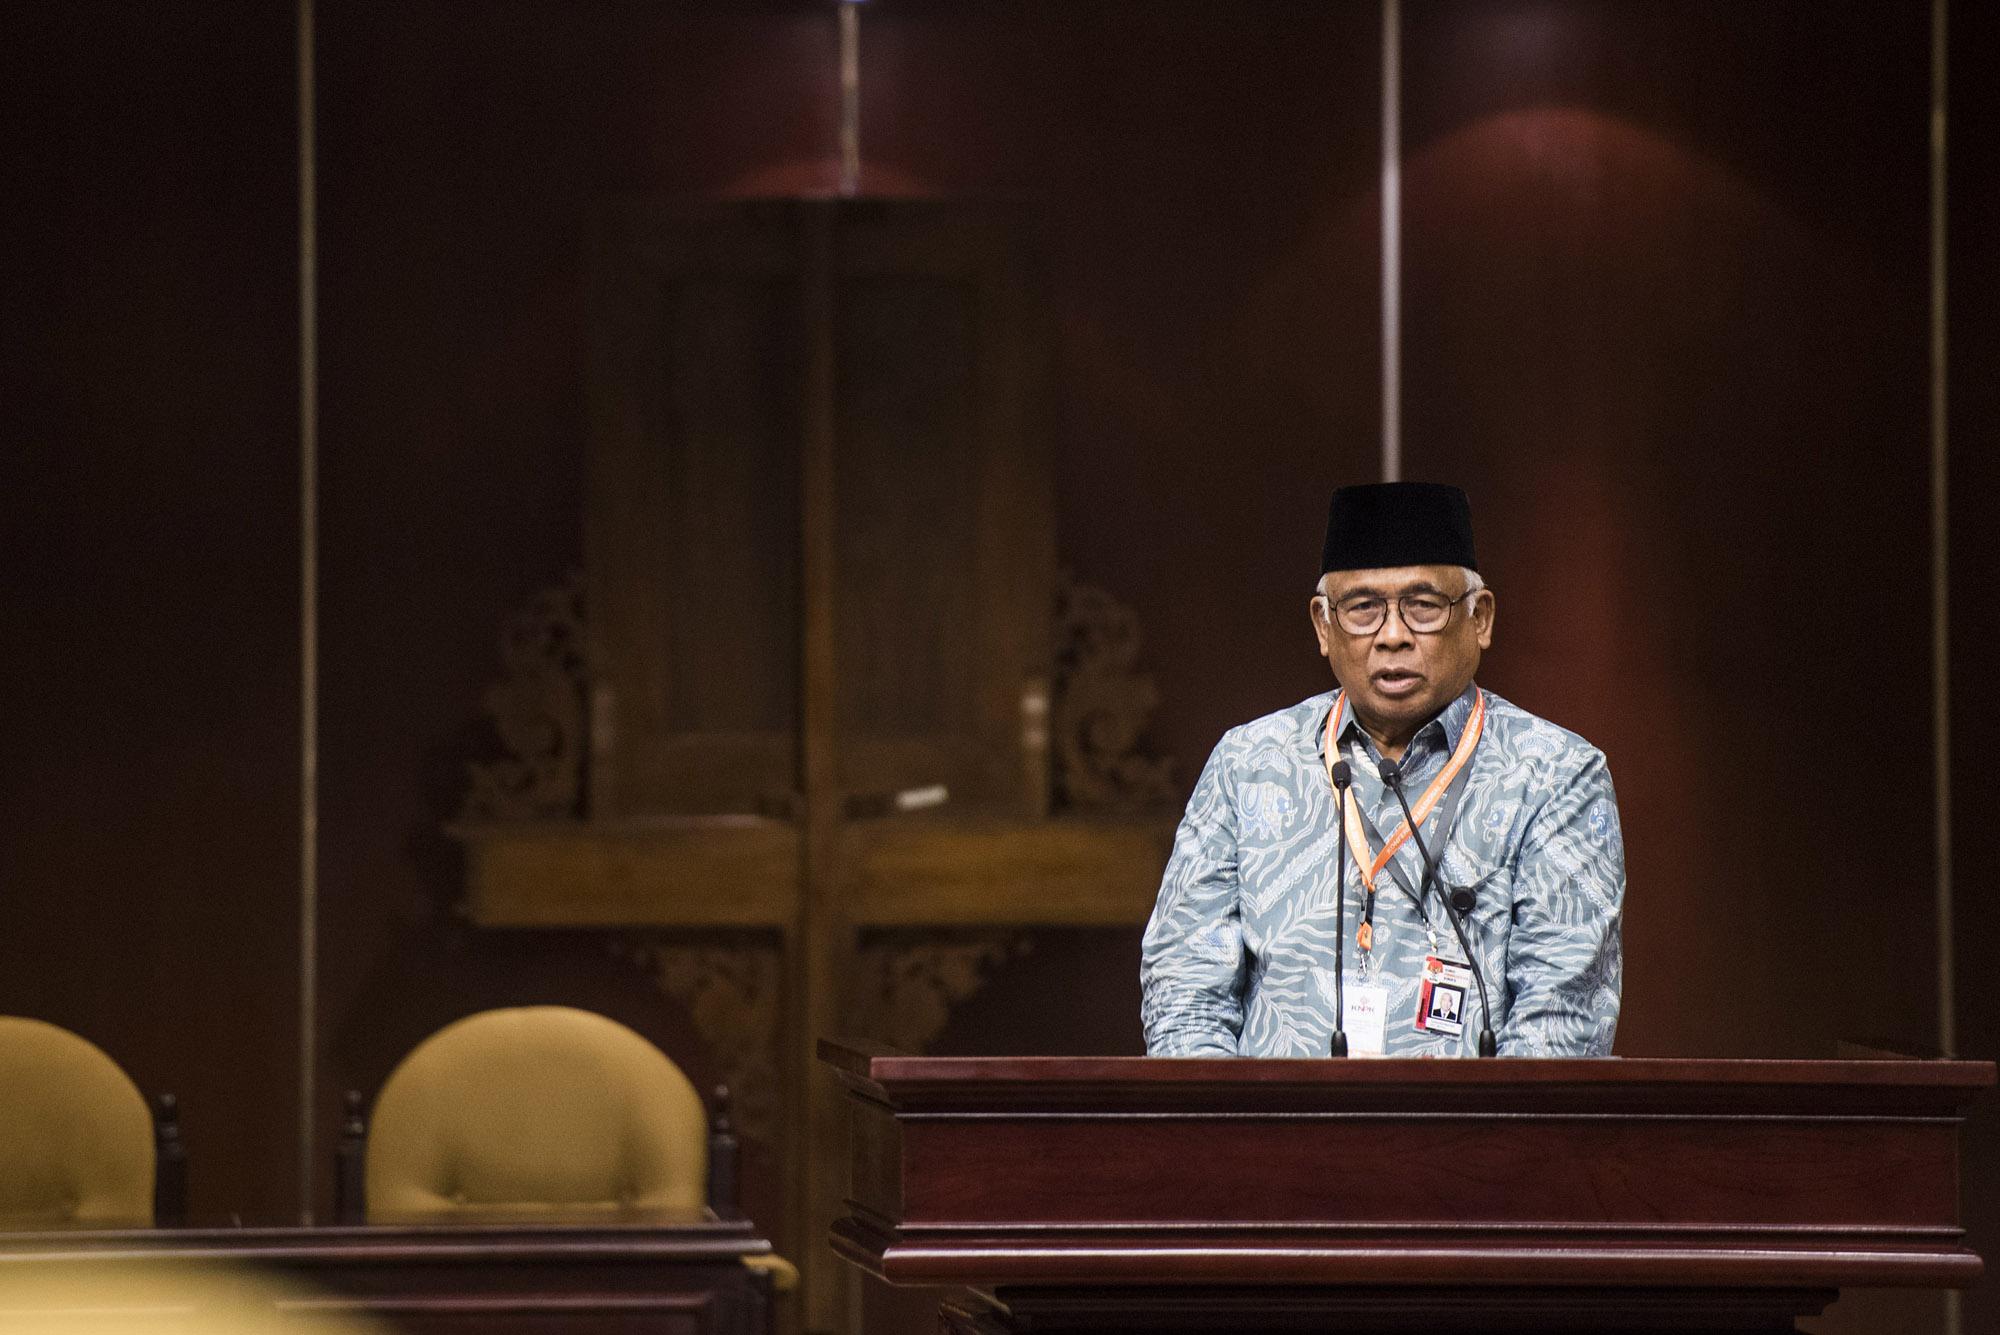 Kpk Tangkap Ketua Ppp Twitter: Kepengurusan Baru, PPP Tunjuk Mantan Ketua KPK Jadi Ketua